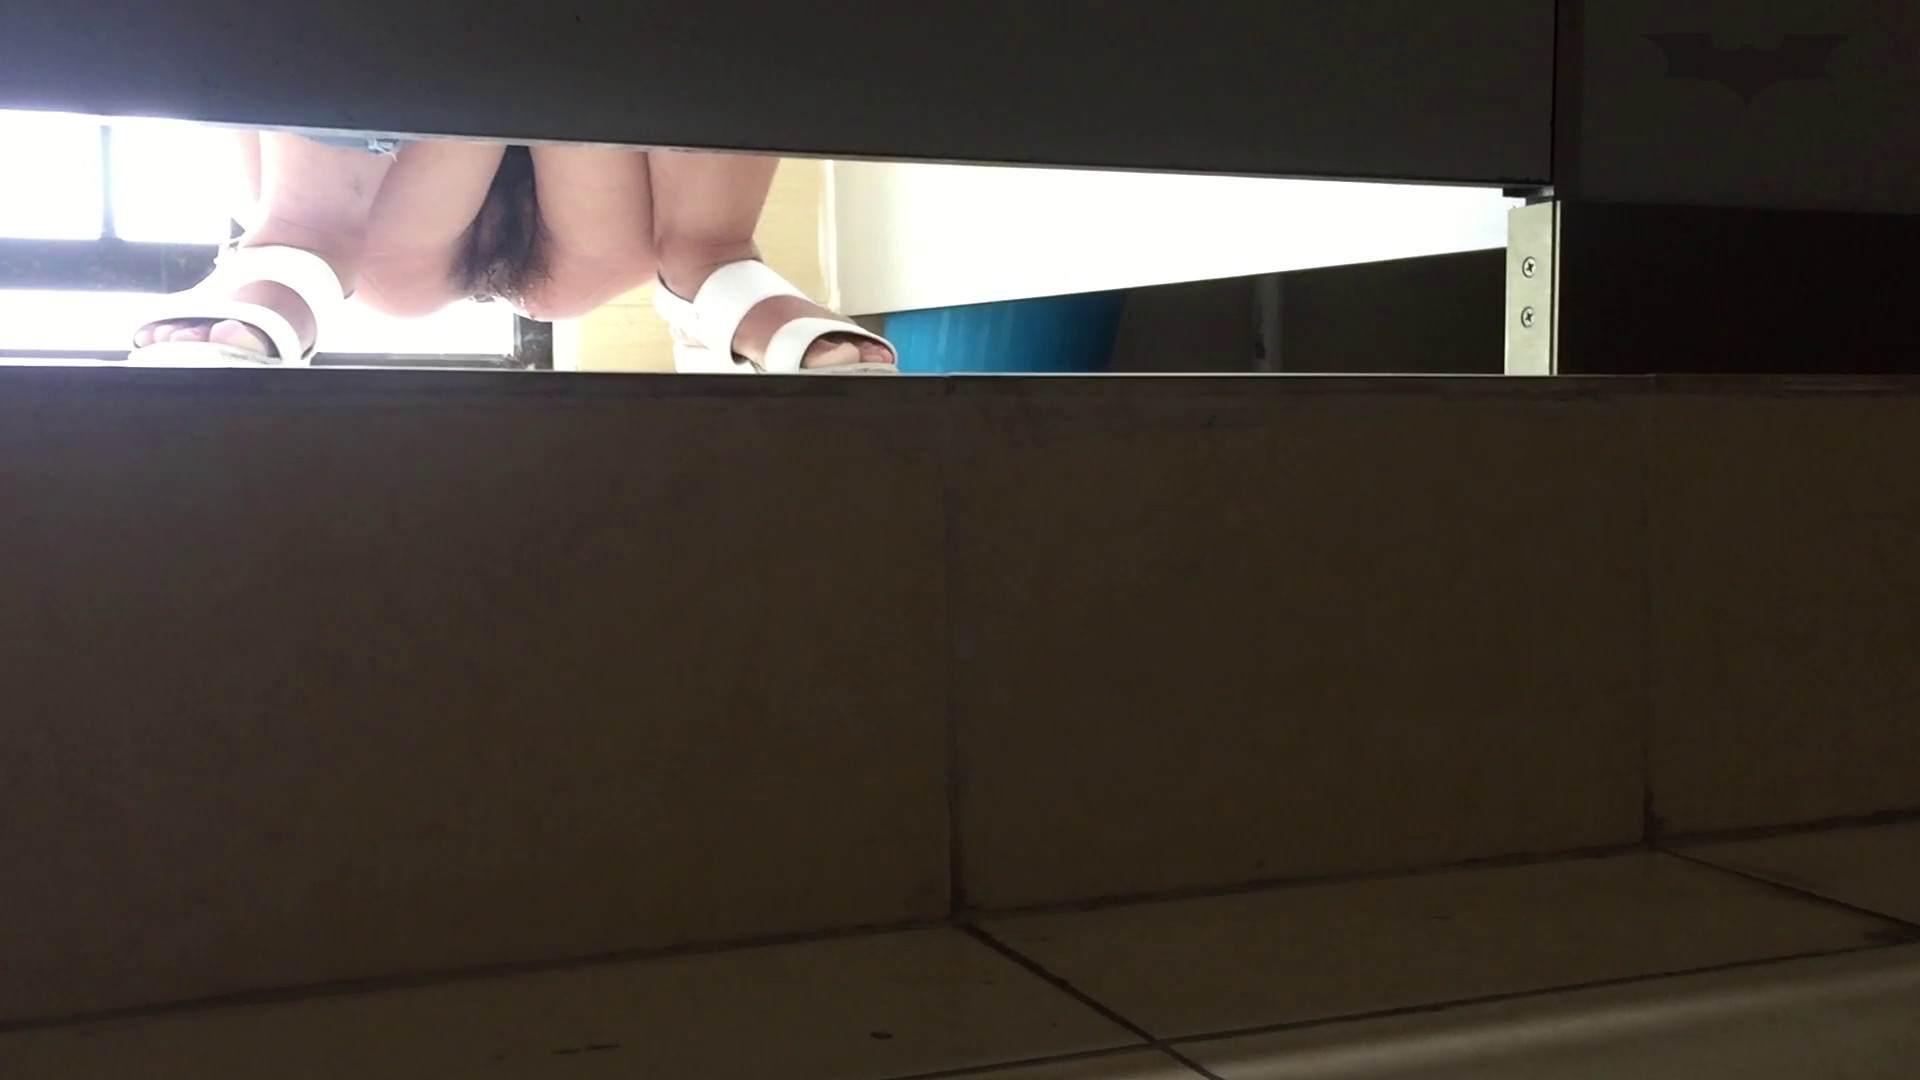 JD盗撮 美女の洗面所の秘密 Vol.66 ギャル攻め すけべAV動画紹介 82画像 68